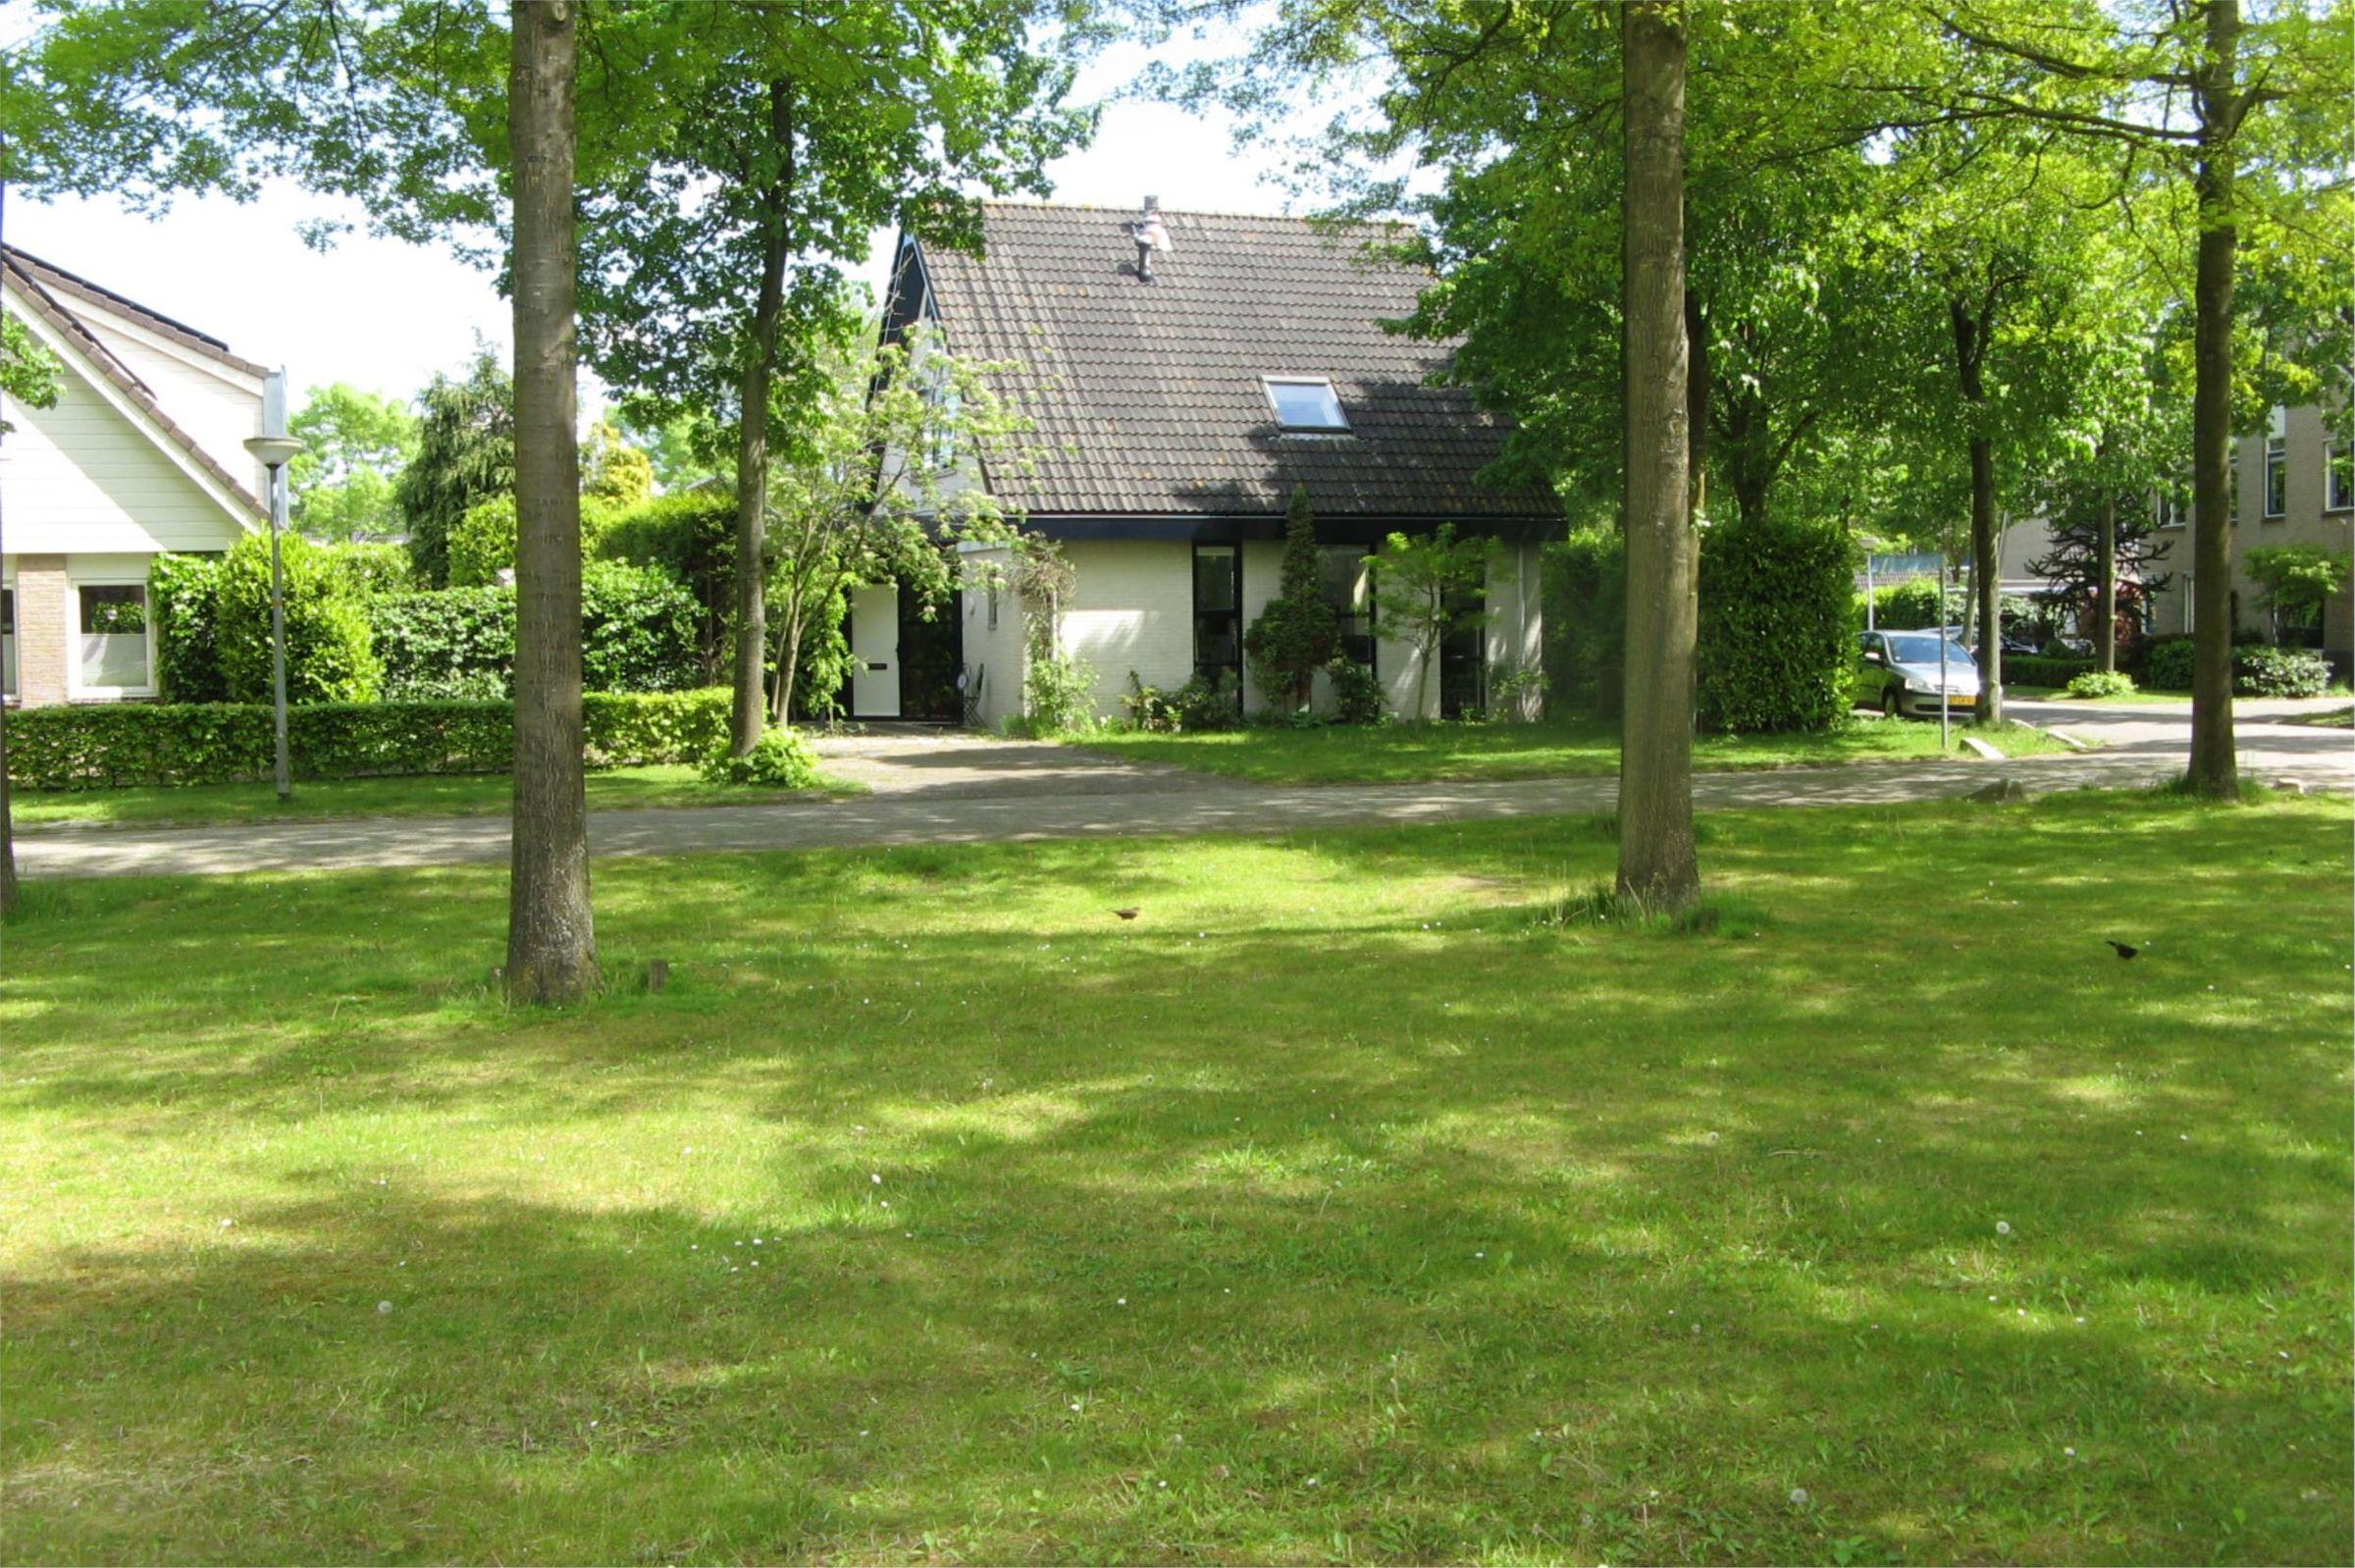 Reggeplantsoen 2, Almere